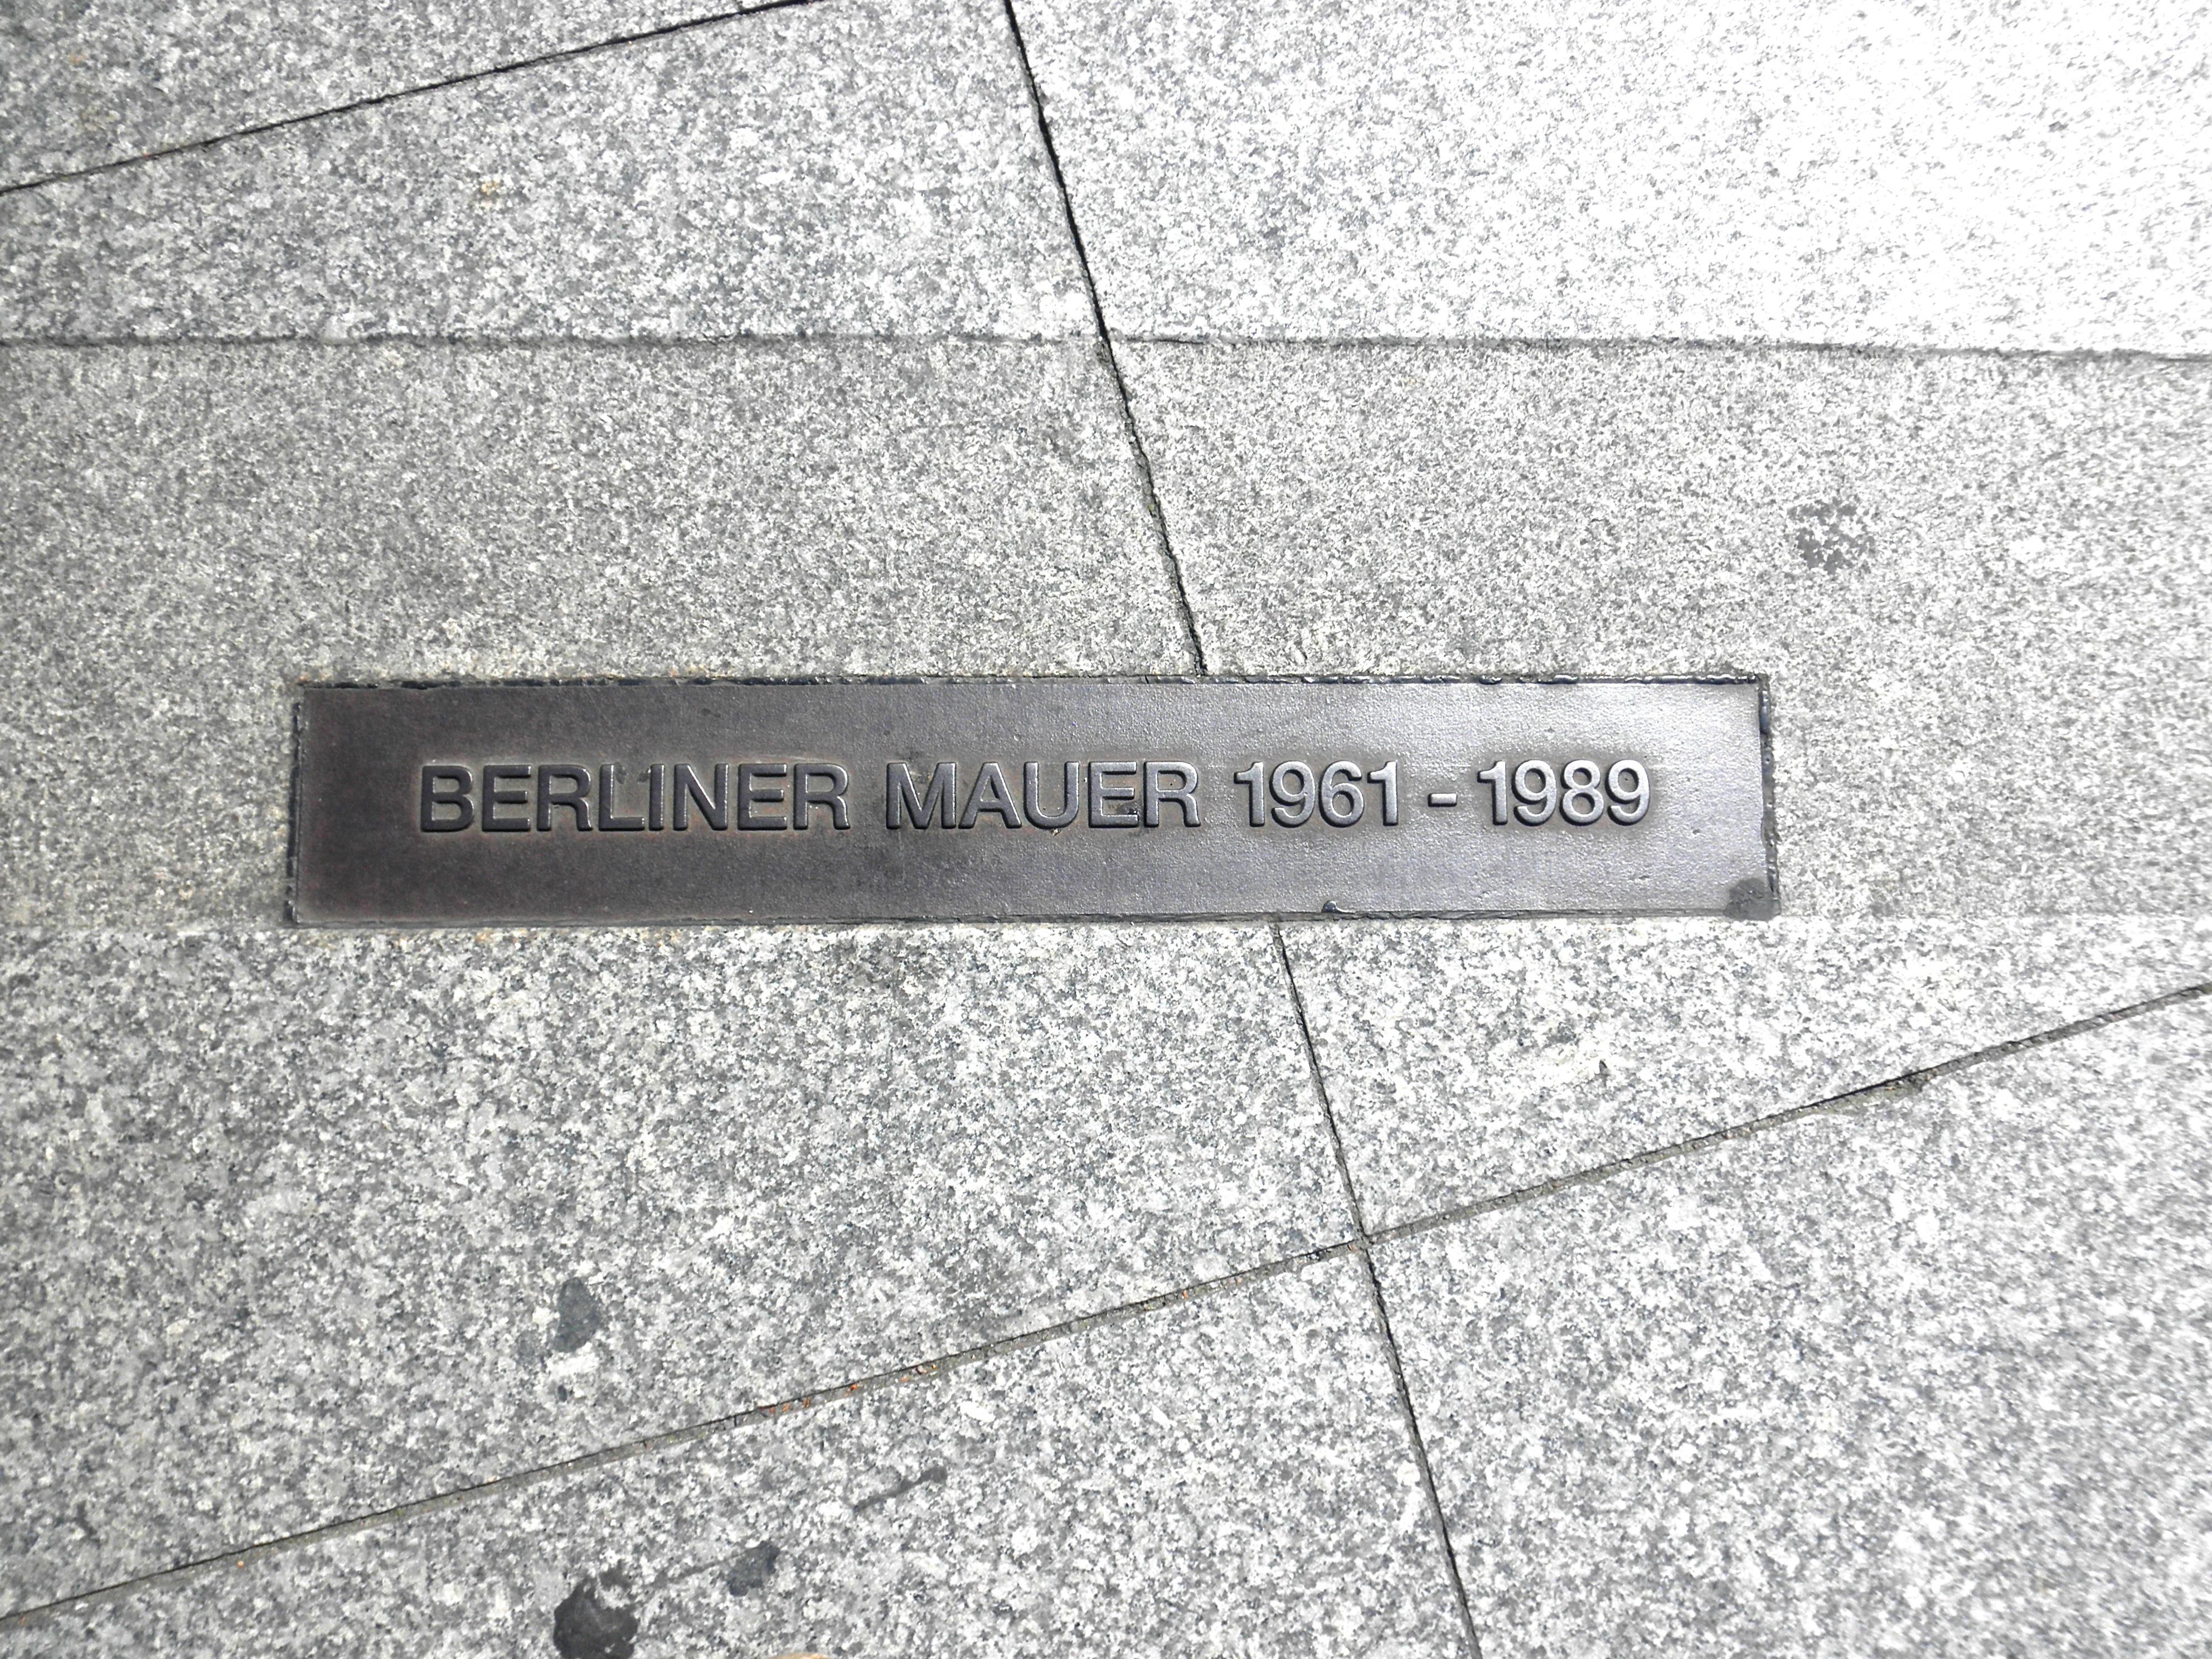 ปีก จำนวน ผนัง อนุสาวรีย์ บรรทัด เยอรมนี เบอร์ลิน เครื่องหมาย ประวัติศาสตร์  ปารีสระเบิด ผนังเบอร์ลิน แผ่นหิน